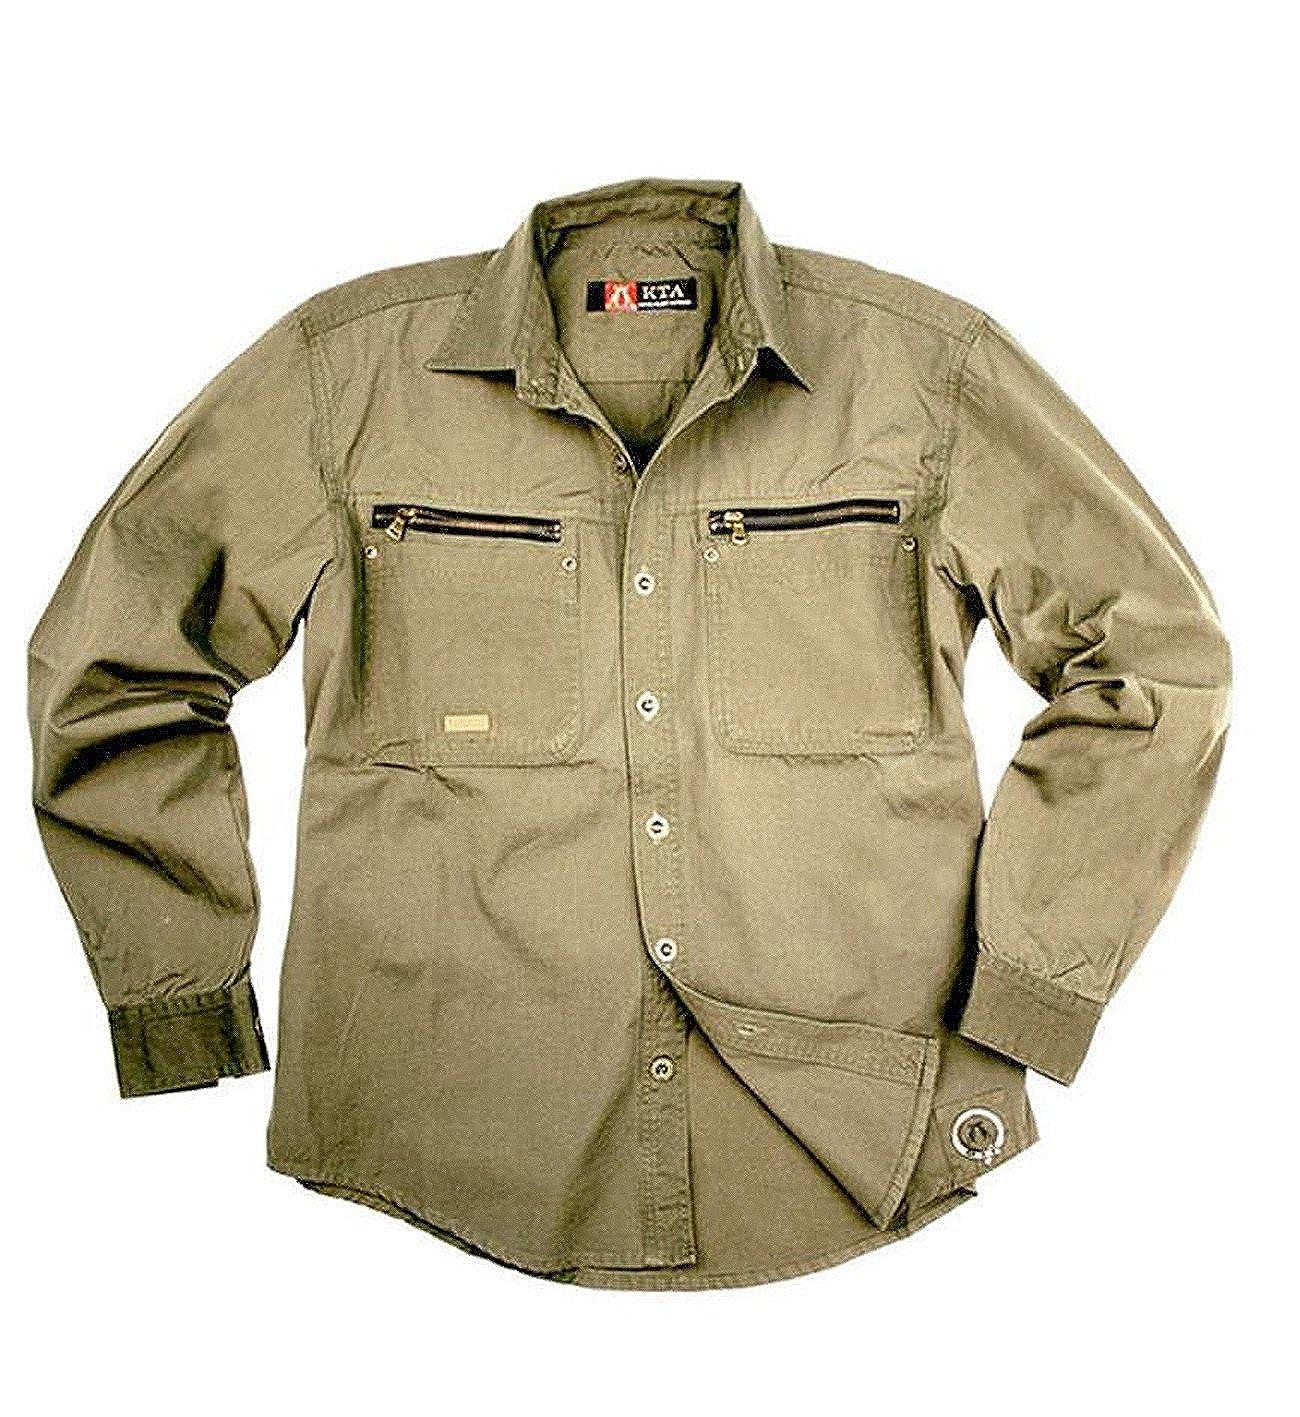 Shoppen Sie Herren Outdoor Arbeits- Hemd aus robuster Baumwolle von Kakadu  Australia auf Amazon.de:Freizeit